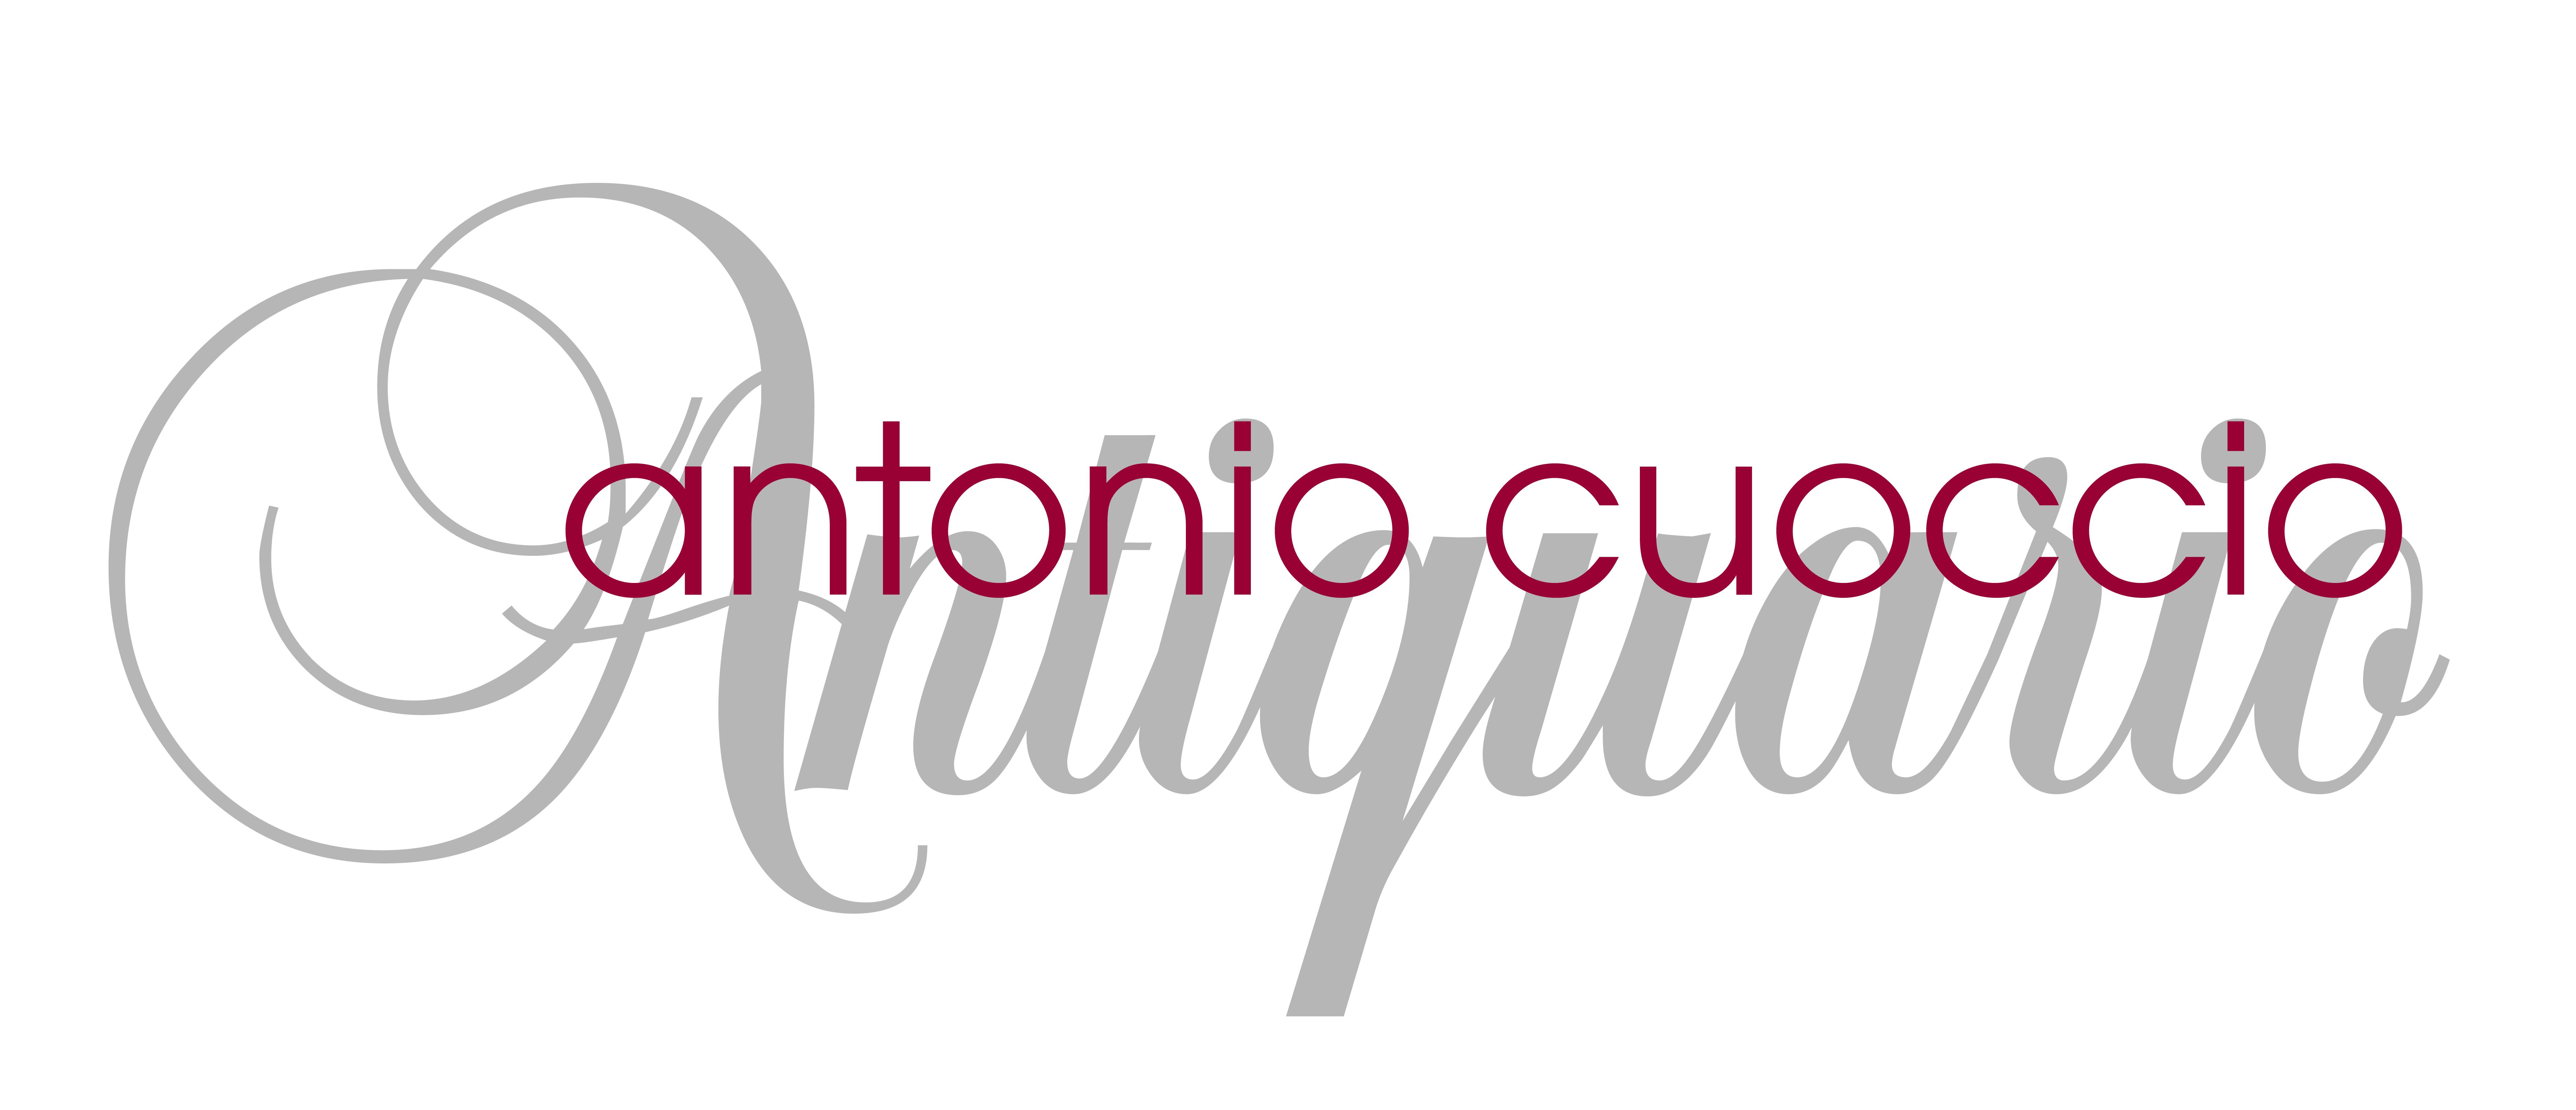 Antonio Cuoccio